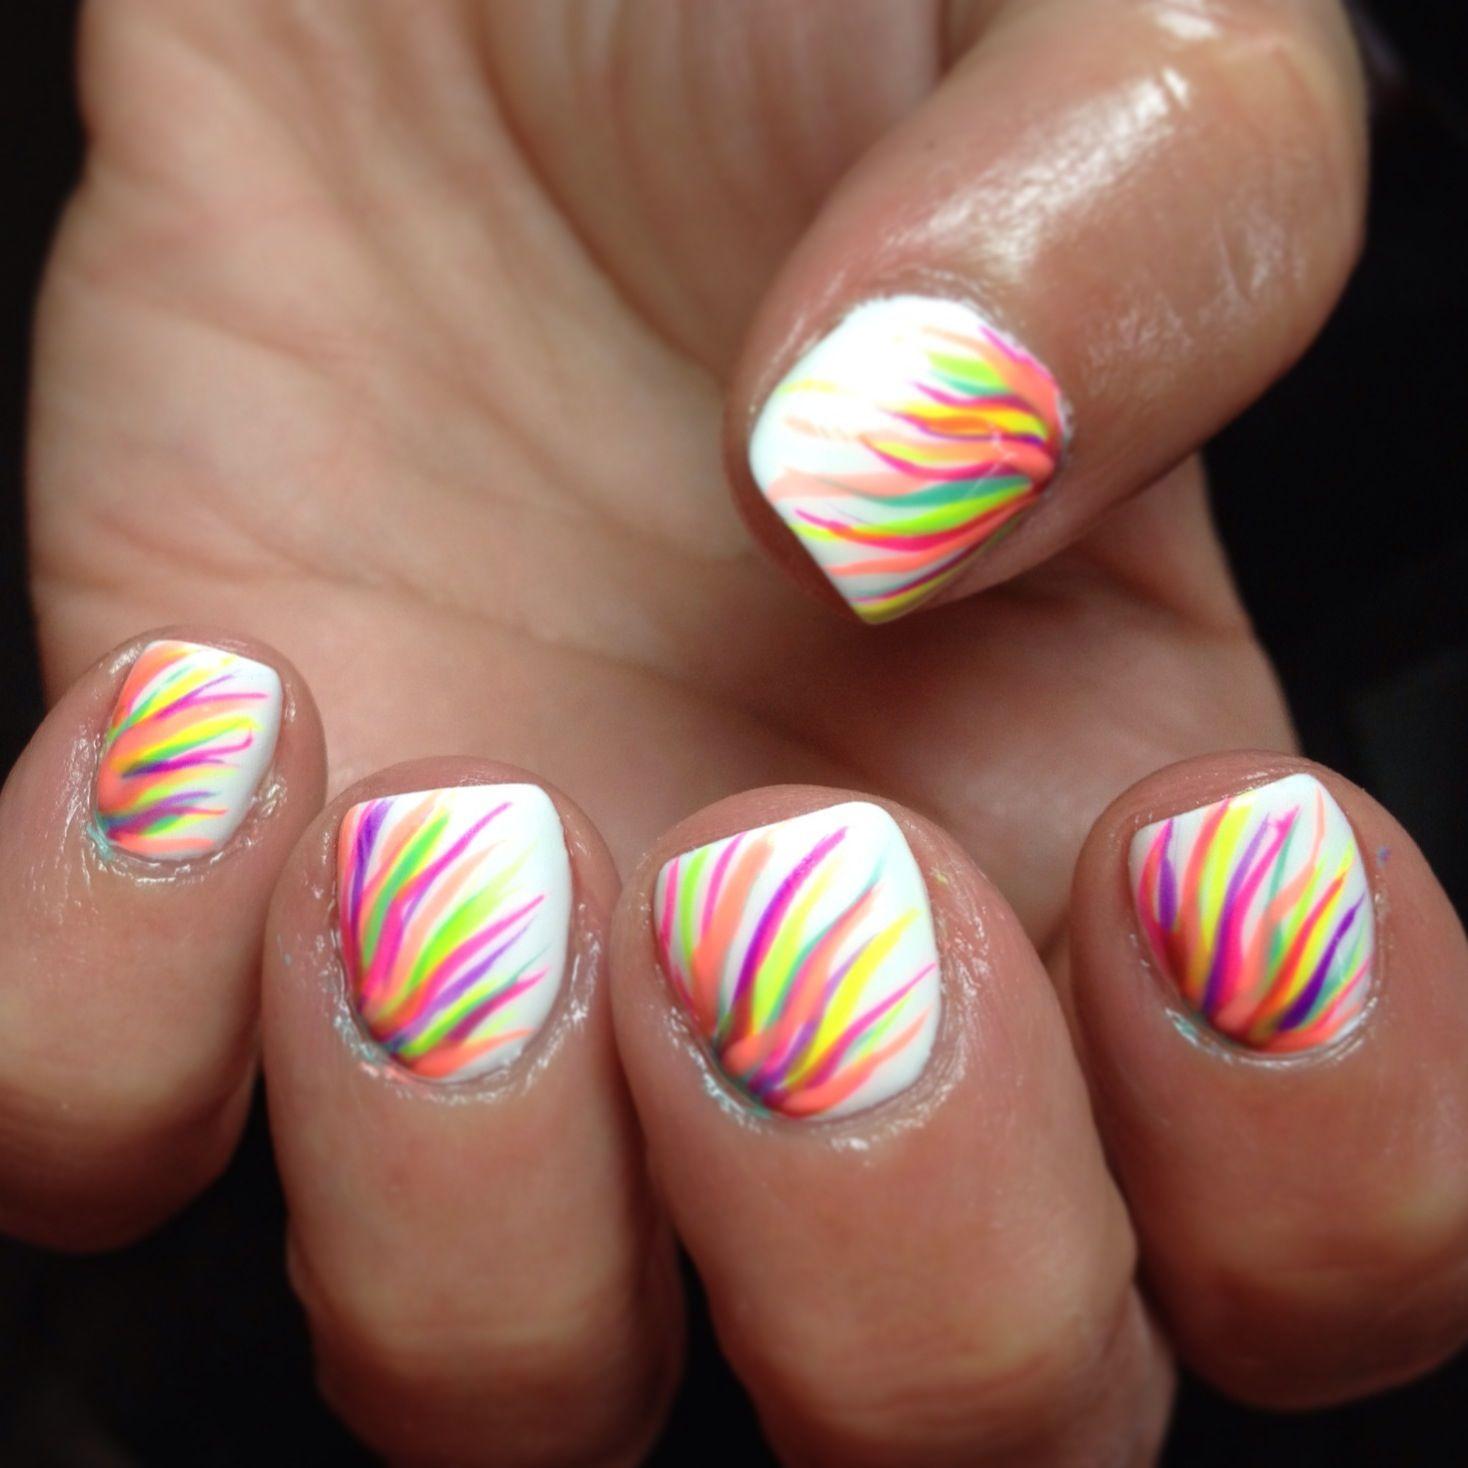 Pin By Amanda Cain On Nails Rainbow Nail Art Rainbow Nail Art Designs Rainbow Nails